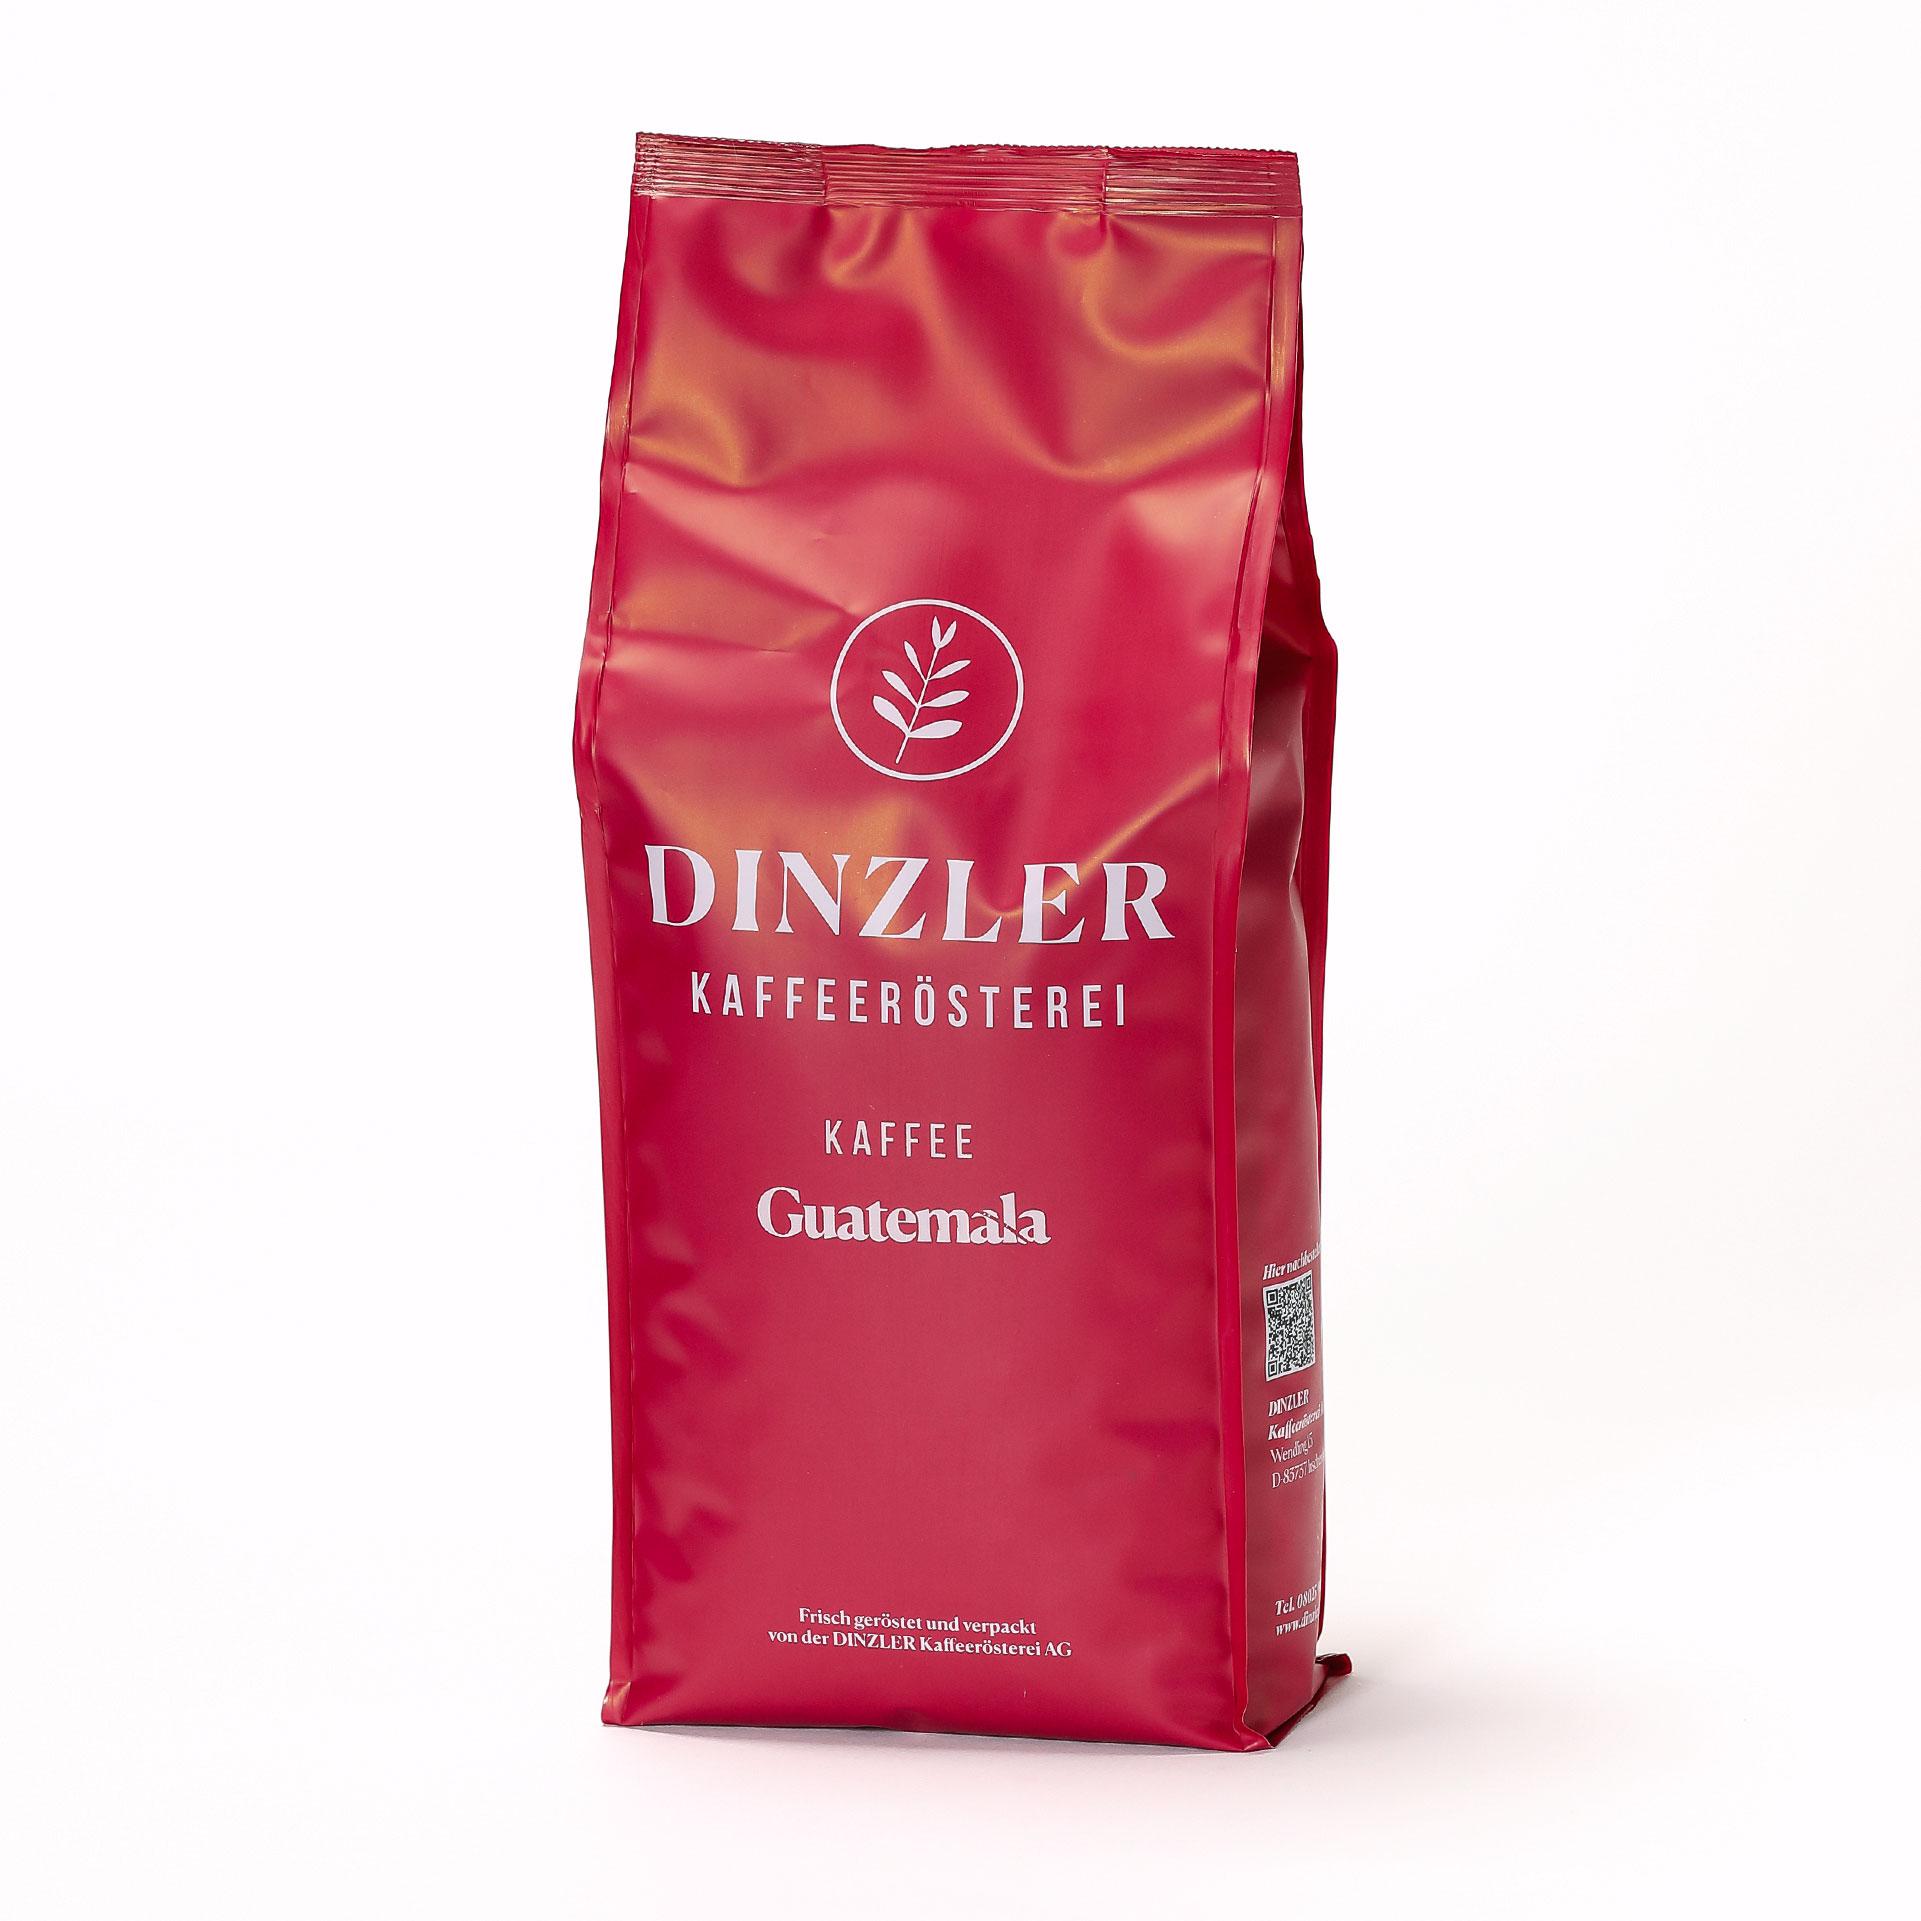 DINZLER Kaffee Guatemala